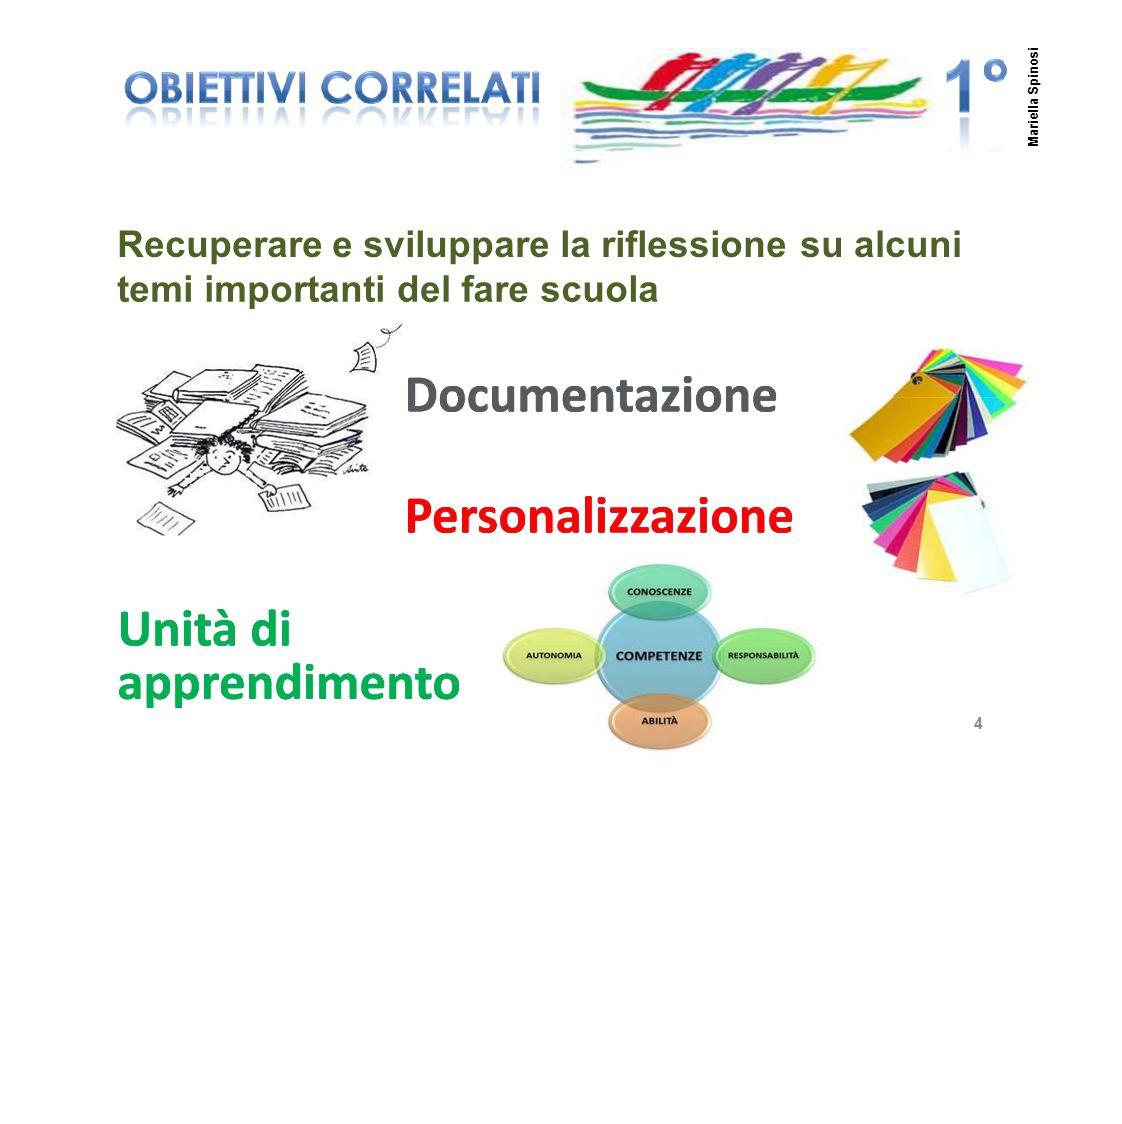 Recuperare e sviluppare la riflessionesusualcuni temiimportantideldelfarescuola 4 Mariella Spinosi